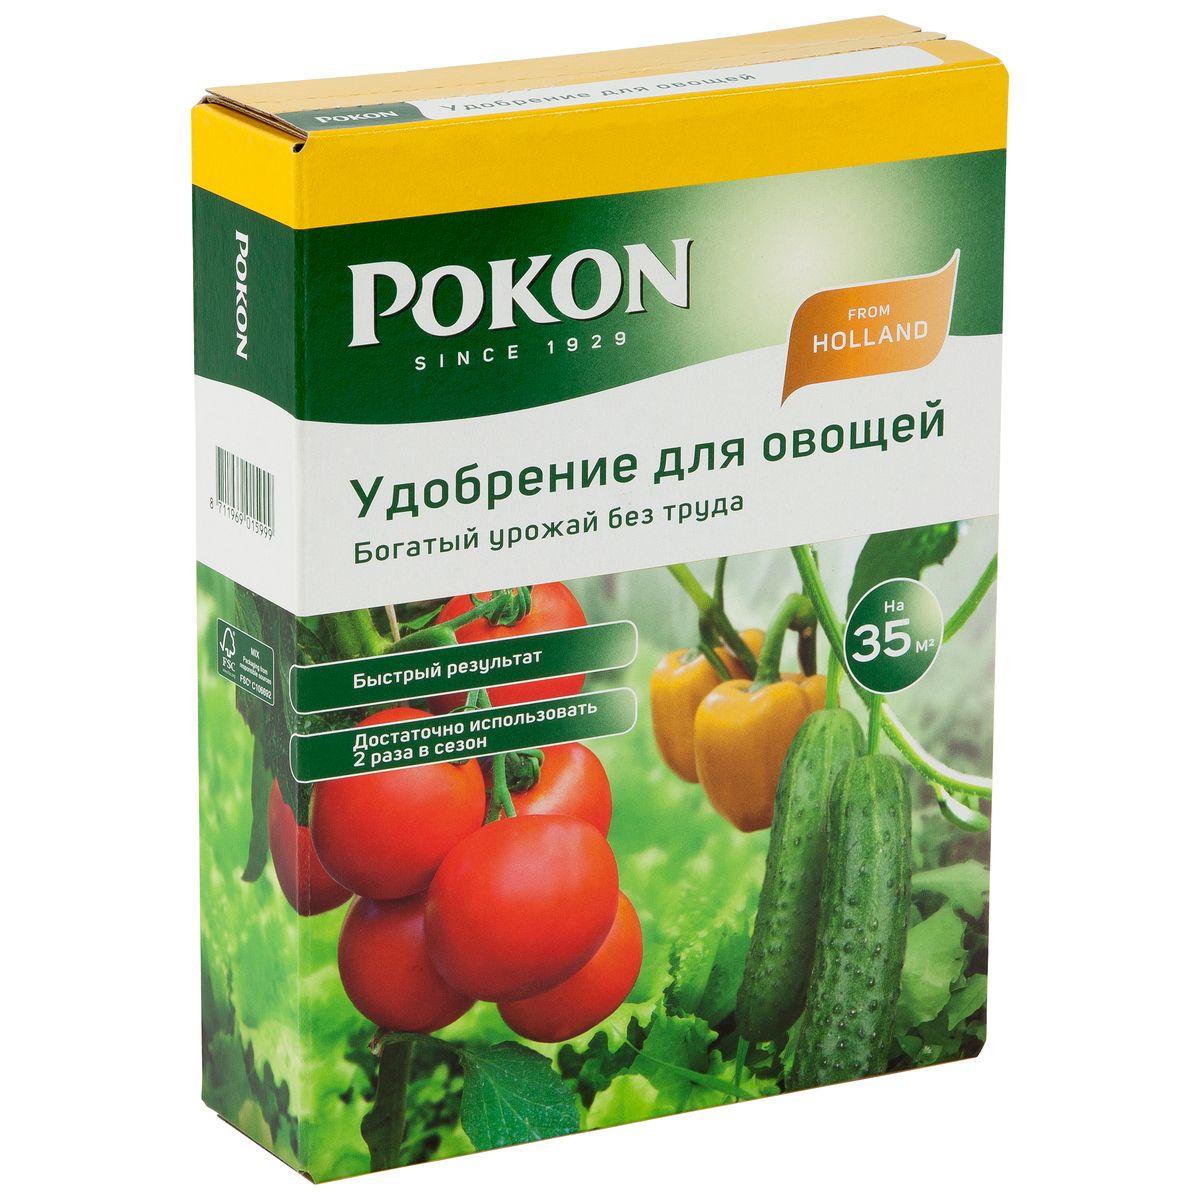 Удобрение Pokon для овощей, 1 кг